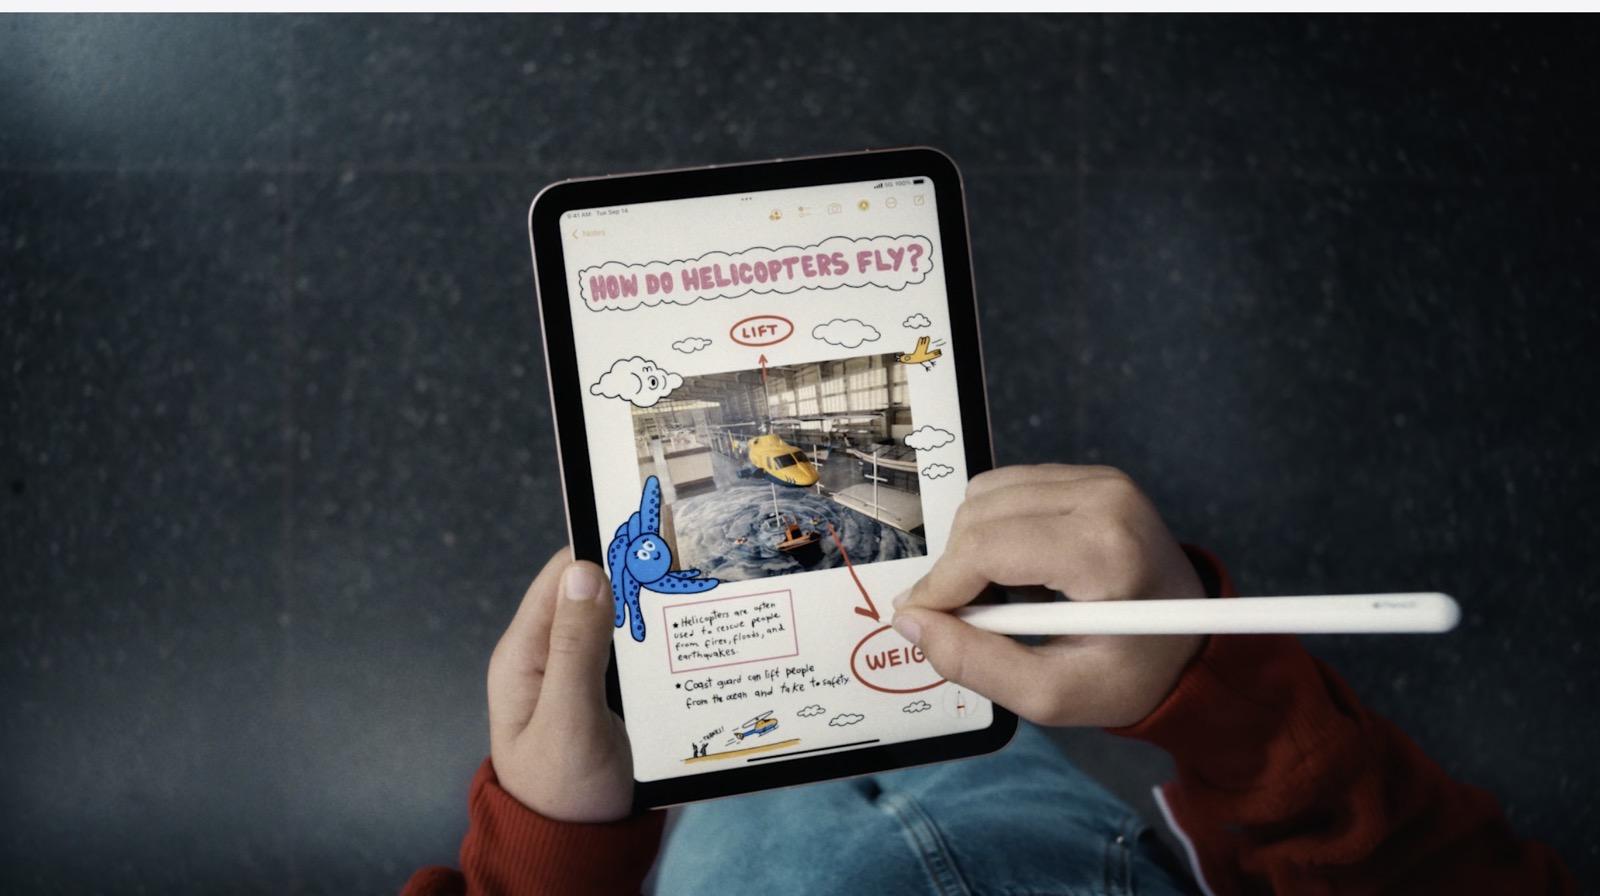 Using Apple Pencil on iPad mini 6